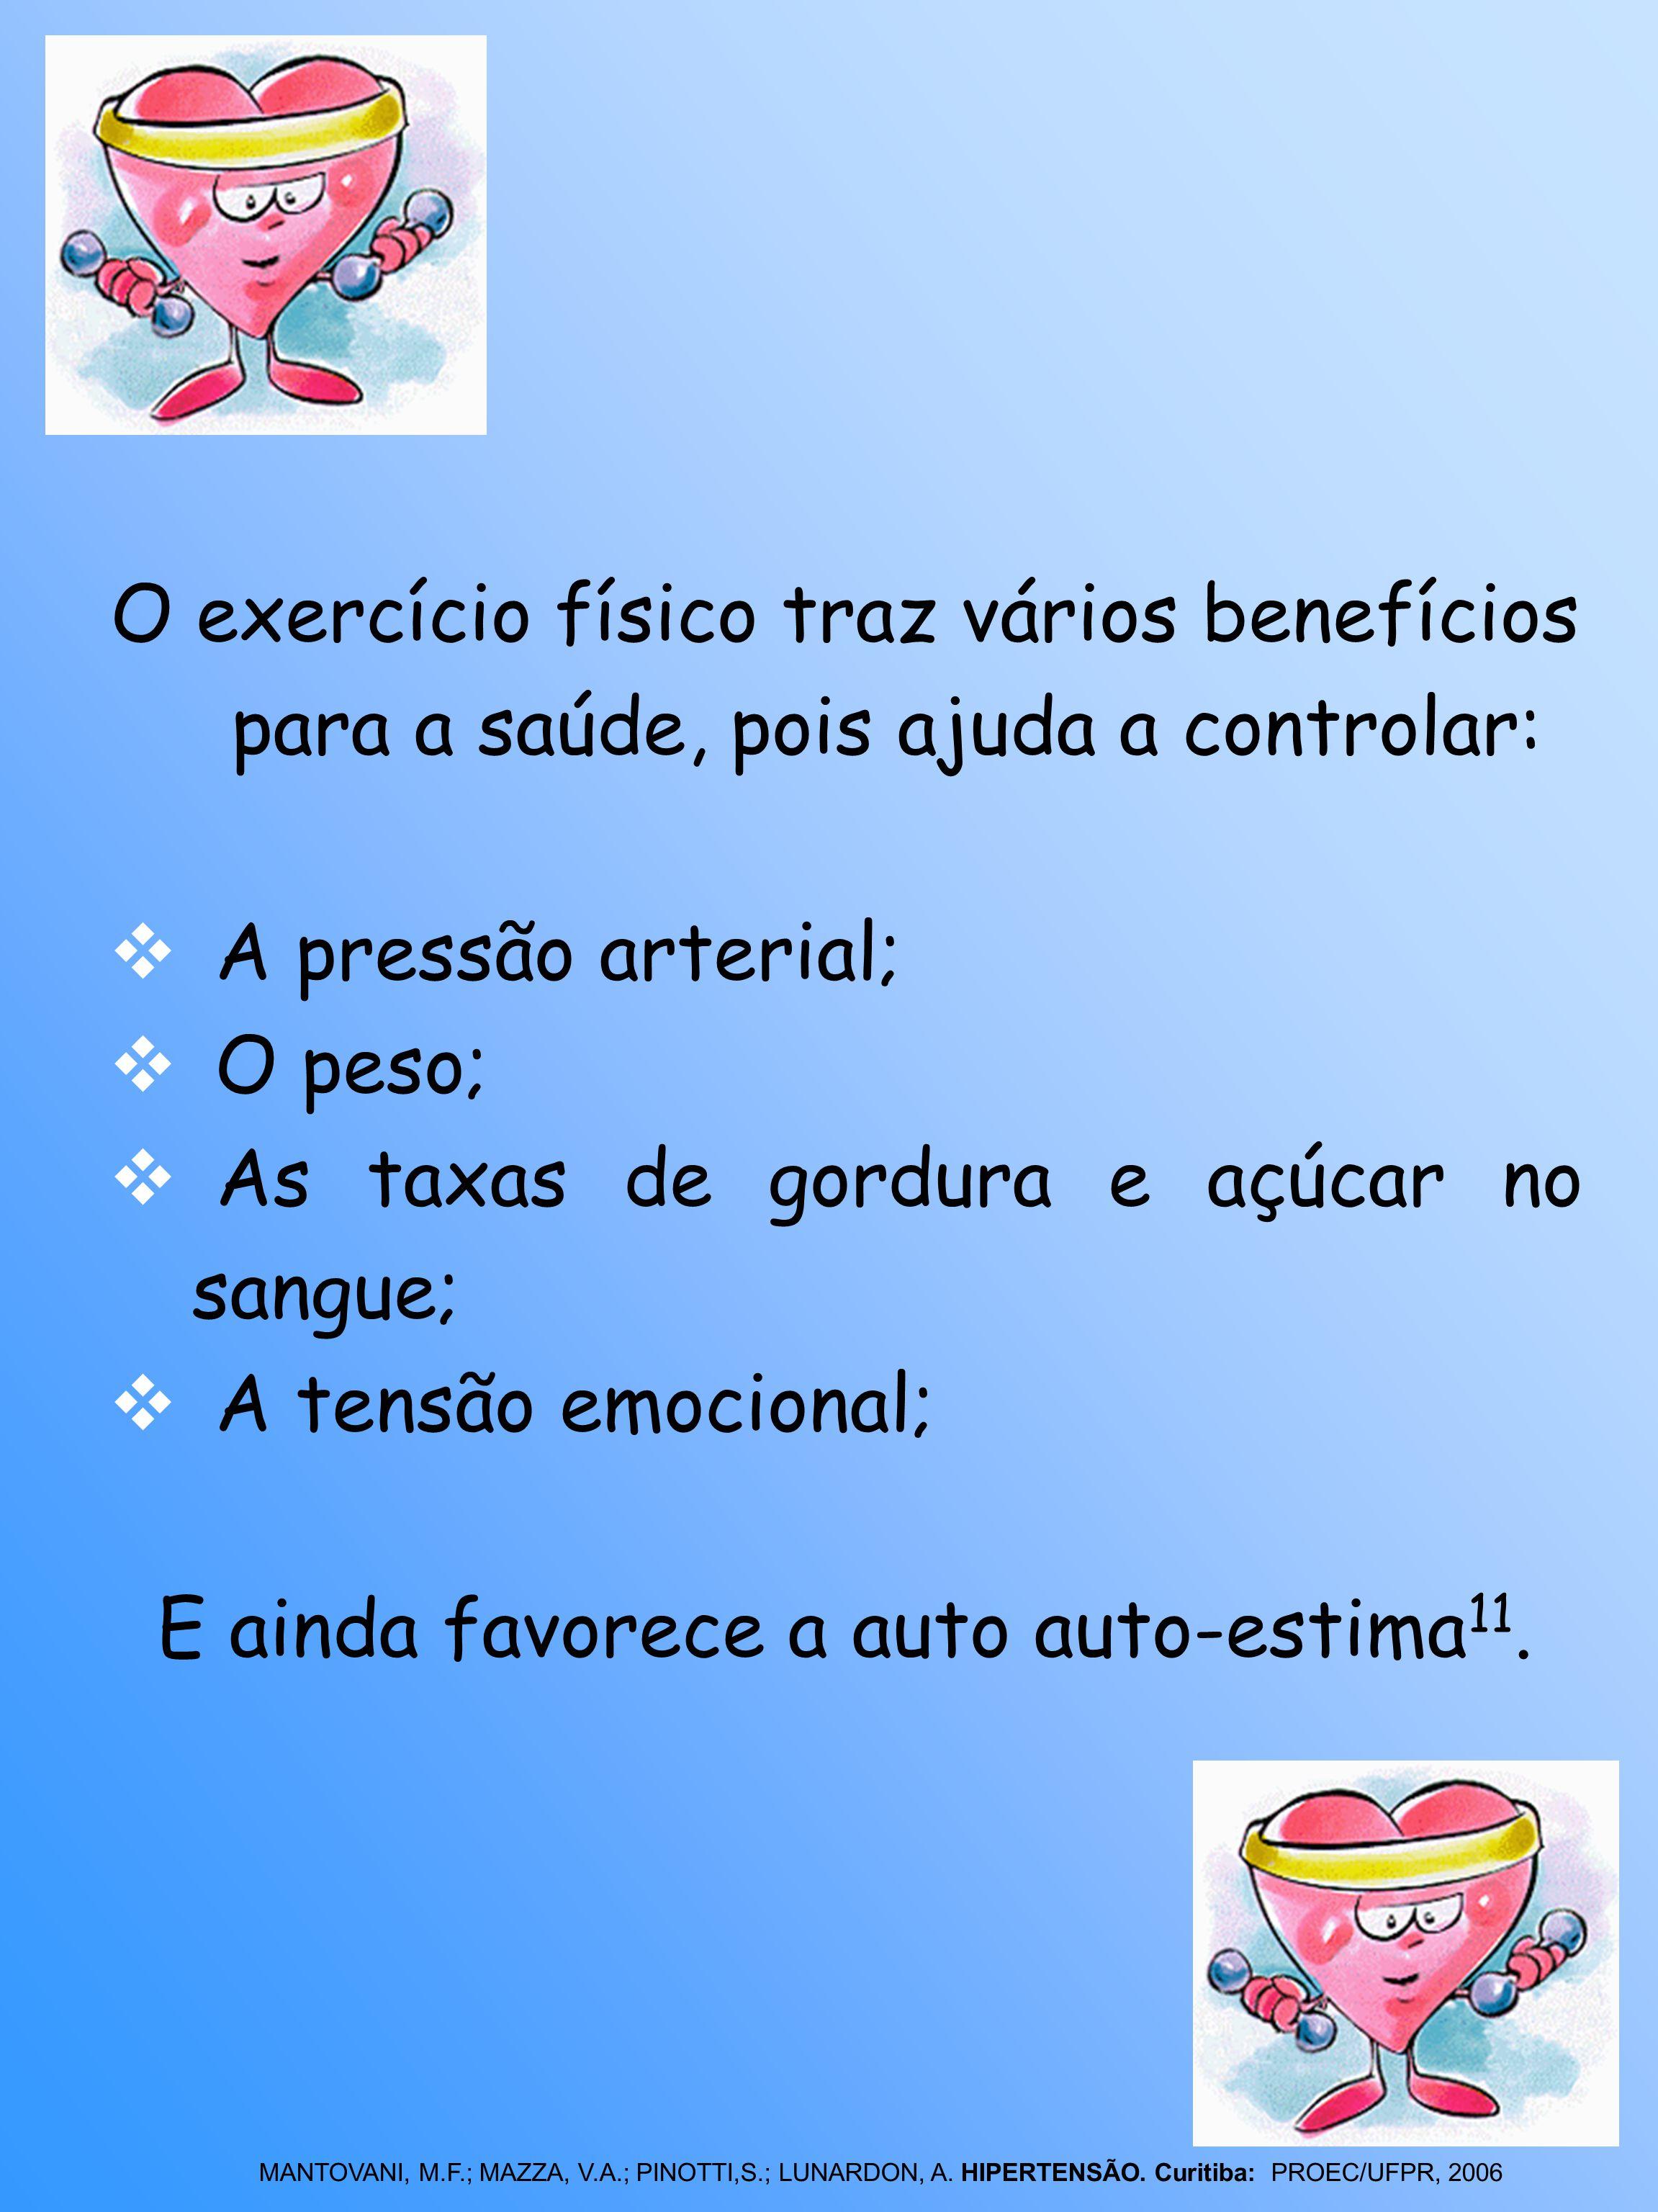 O exercício físico traz vários benefícios para a saúde, pois ajuda a controlar: A pressão arterial; O peso; As taxas de gordura e açúcar no sangue; A